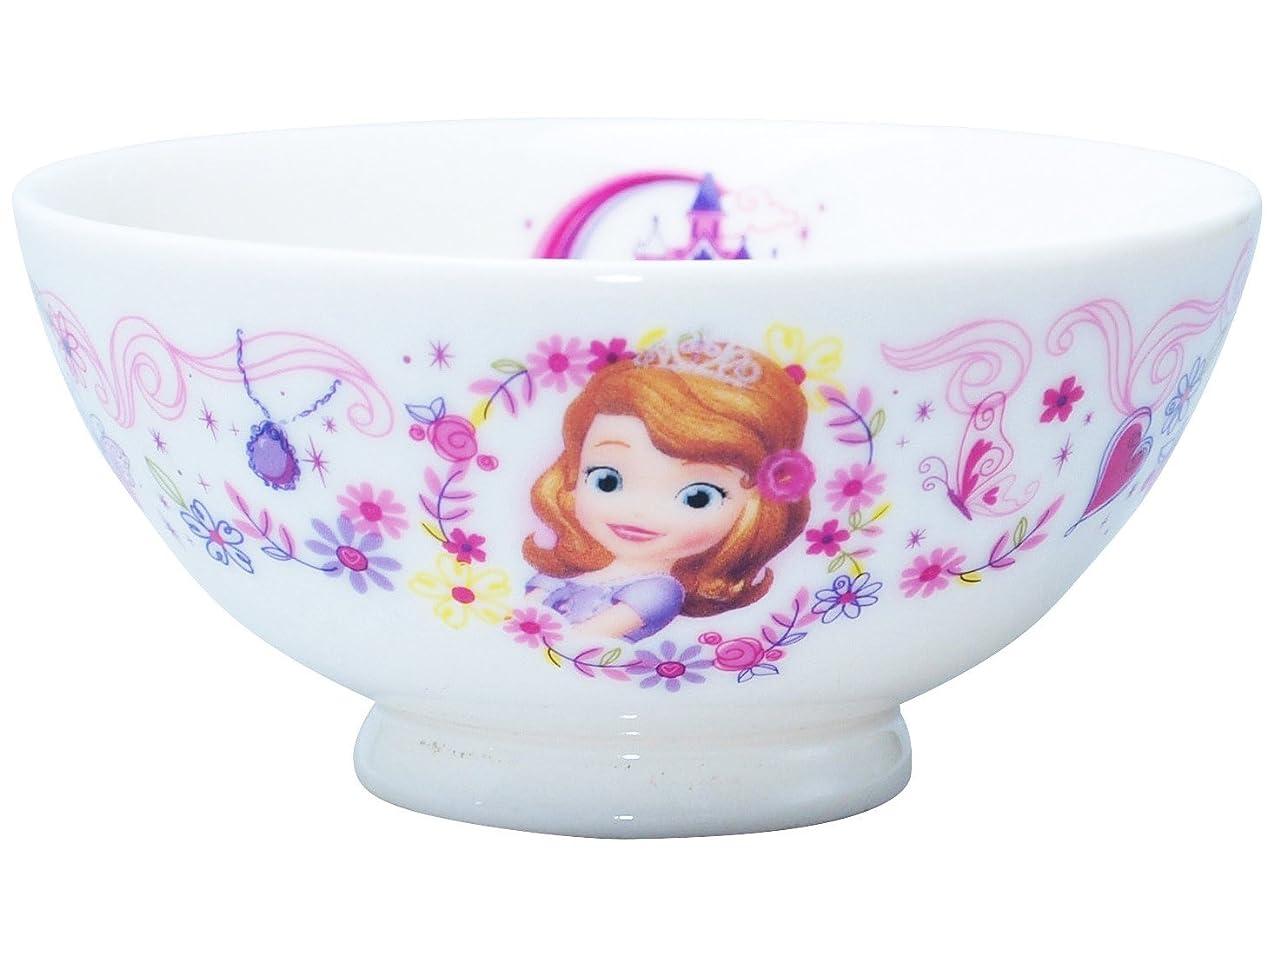 宣教師メール降臨ディズニーチャンネル 「 ちいさなプリンセス ソフィア 」 レインボー ジュニア お茶碗 直径11cm レインボー 113137